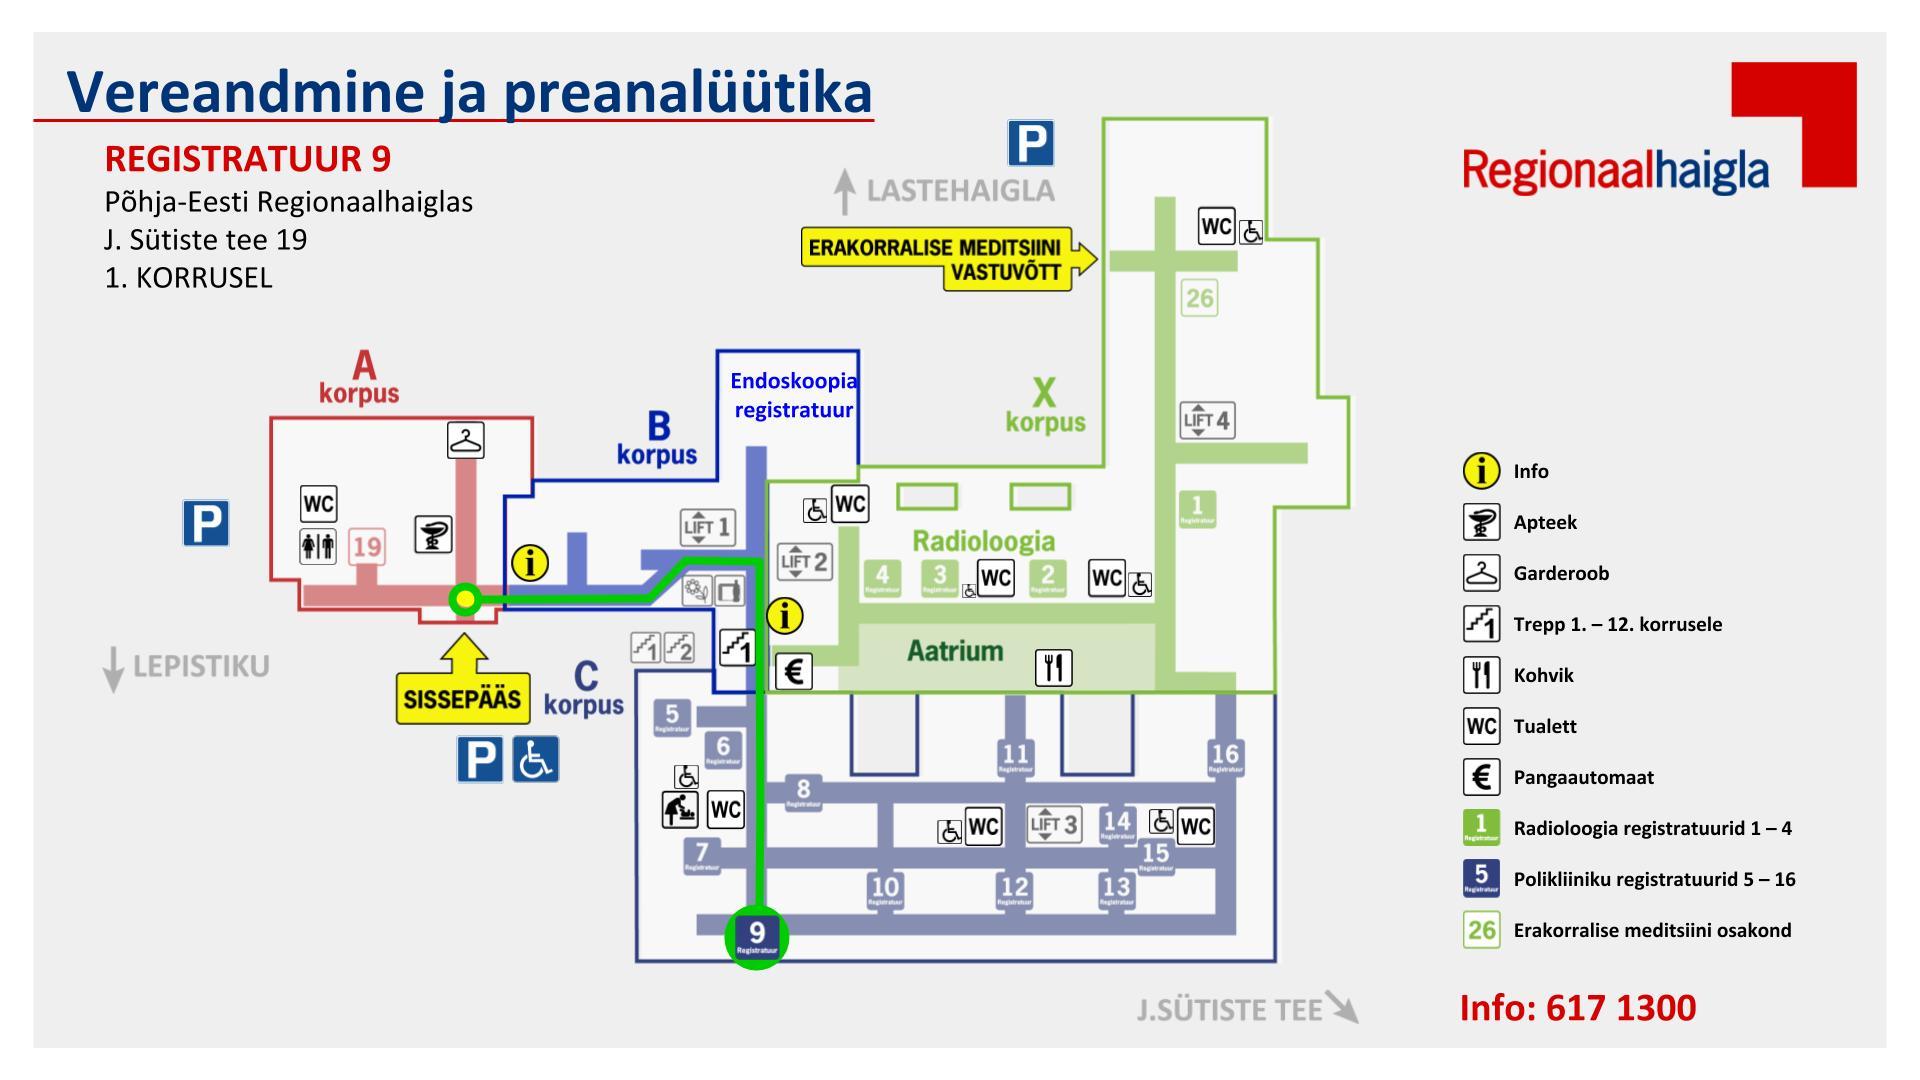 8_Polikliinikute_teekonnakaardid_koos_vereandmine_ja_preanaluutika